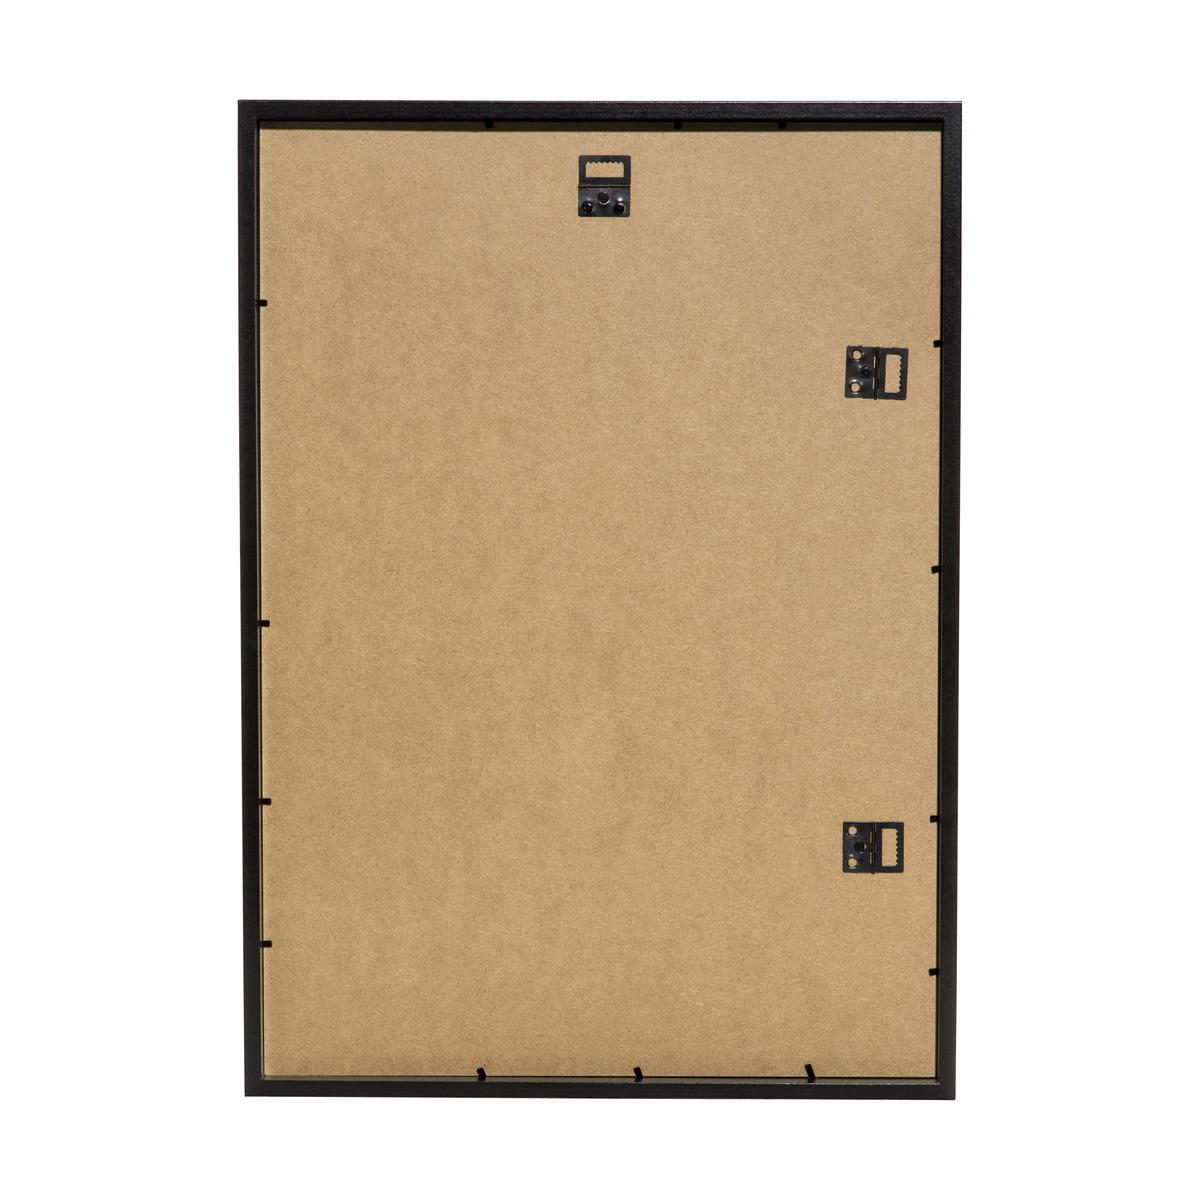 A2 Box Mat A3 Frame Black Kmart